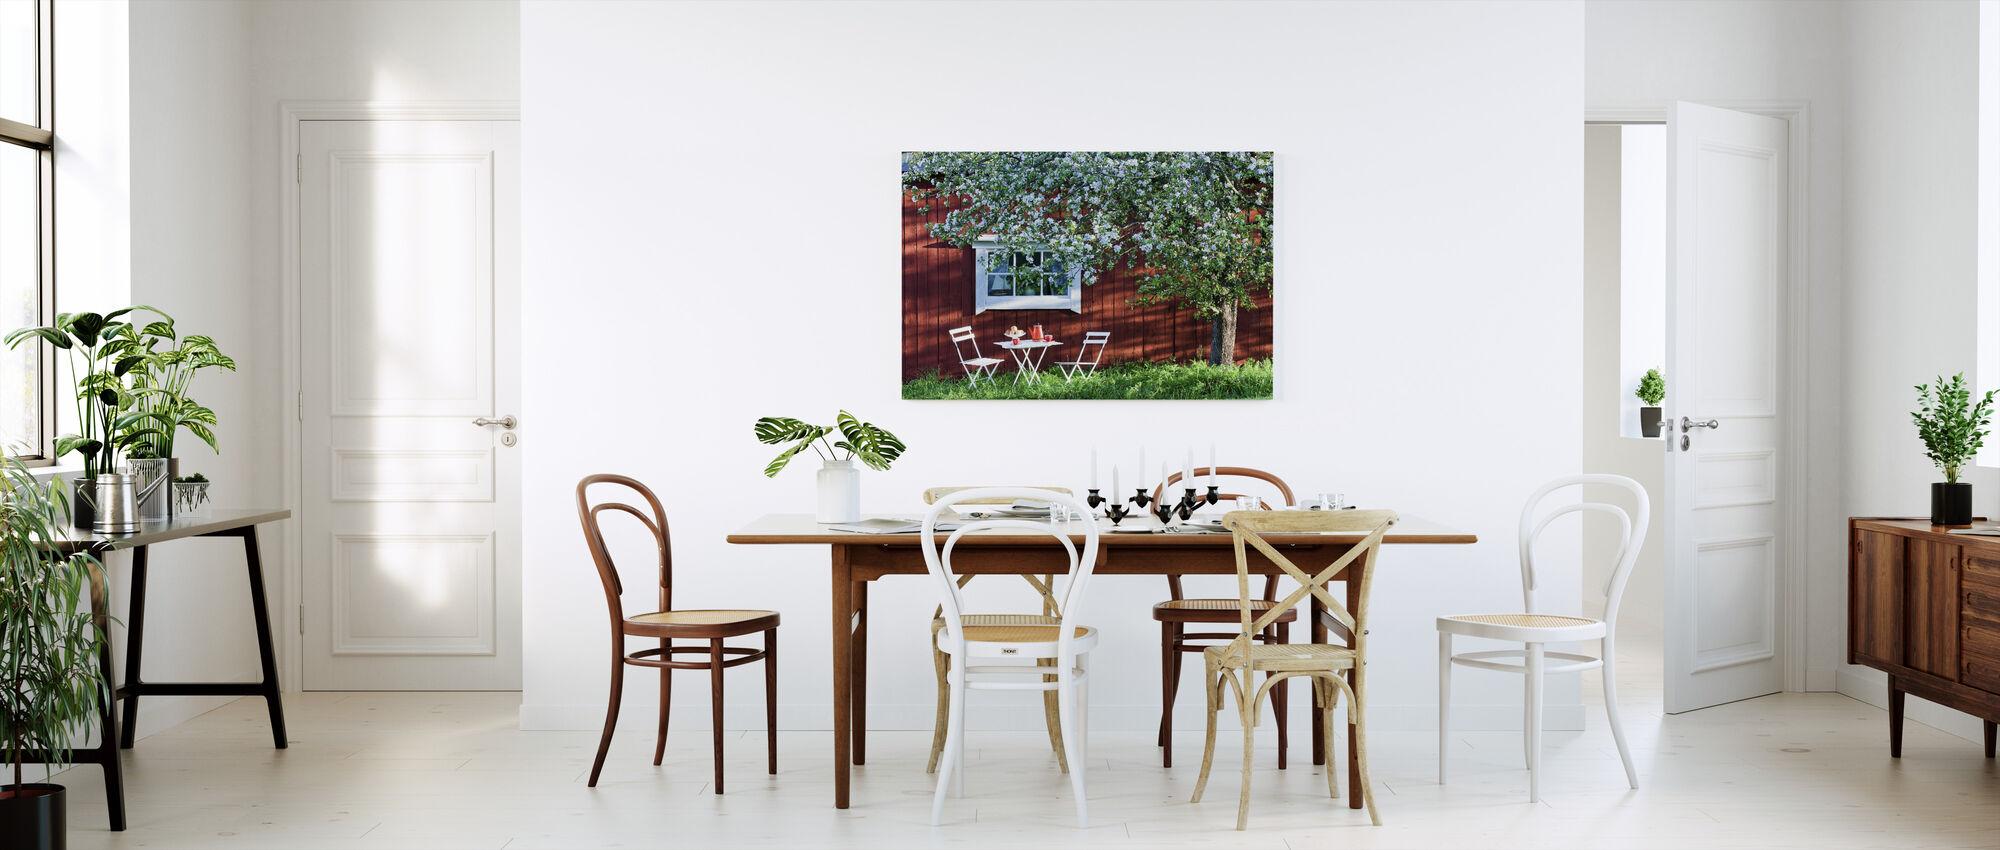 Garden Holiday - Canvas print - Kitchen